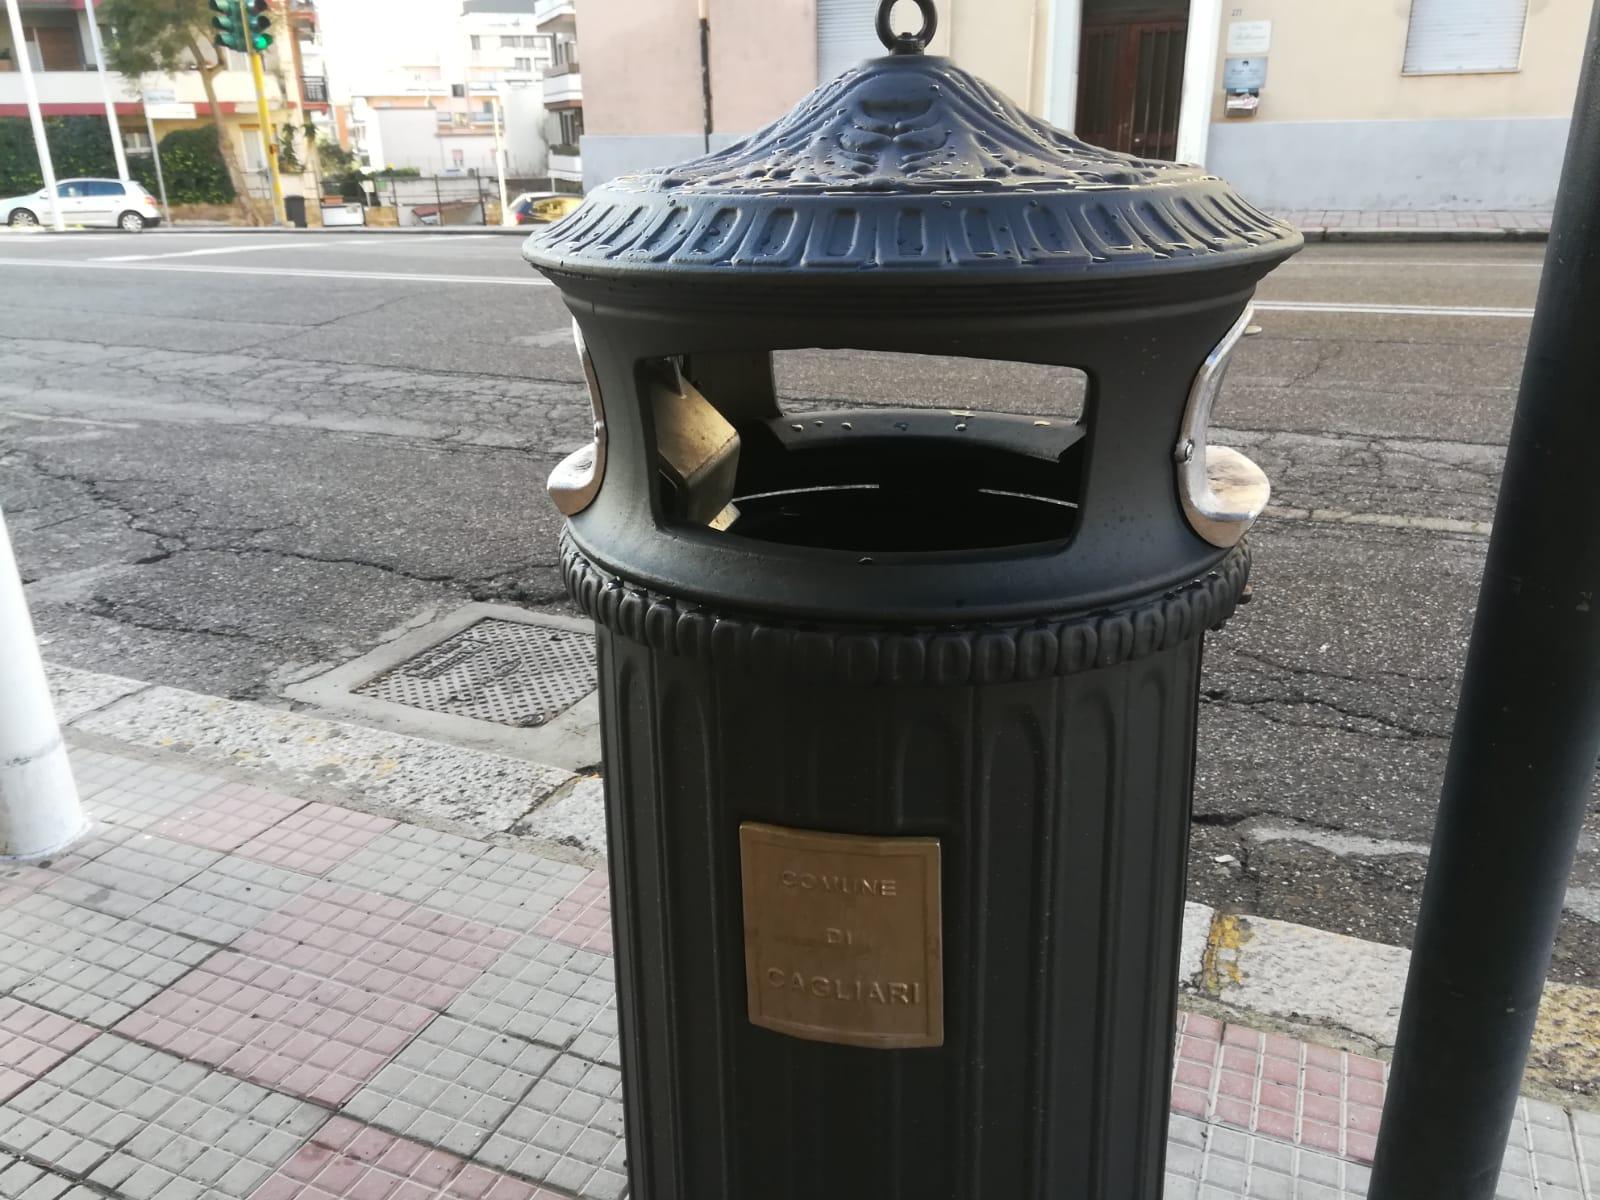 Box Per Bidoni Spazzatura cagliari: ecco finalmente i bidoni per i piccoli rifiuti e